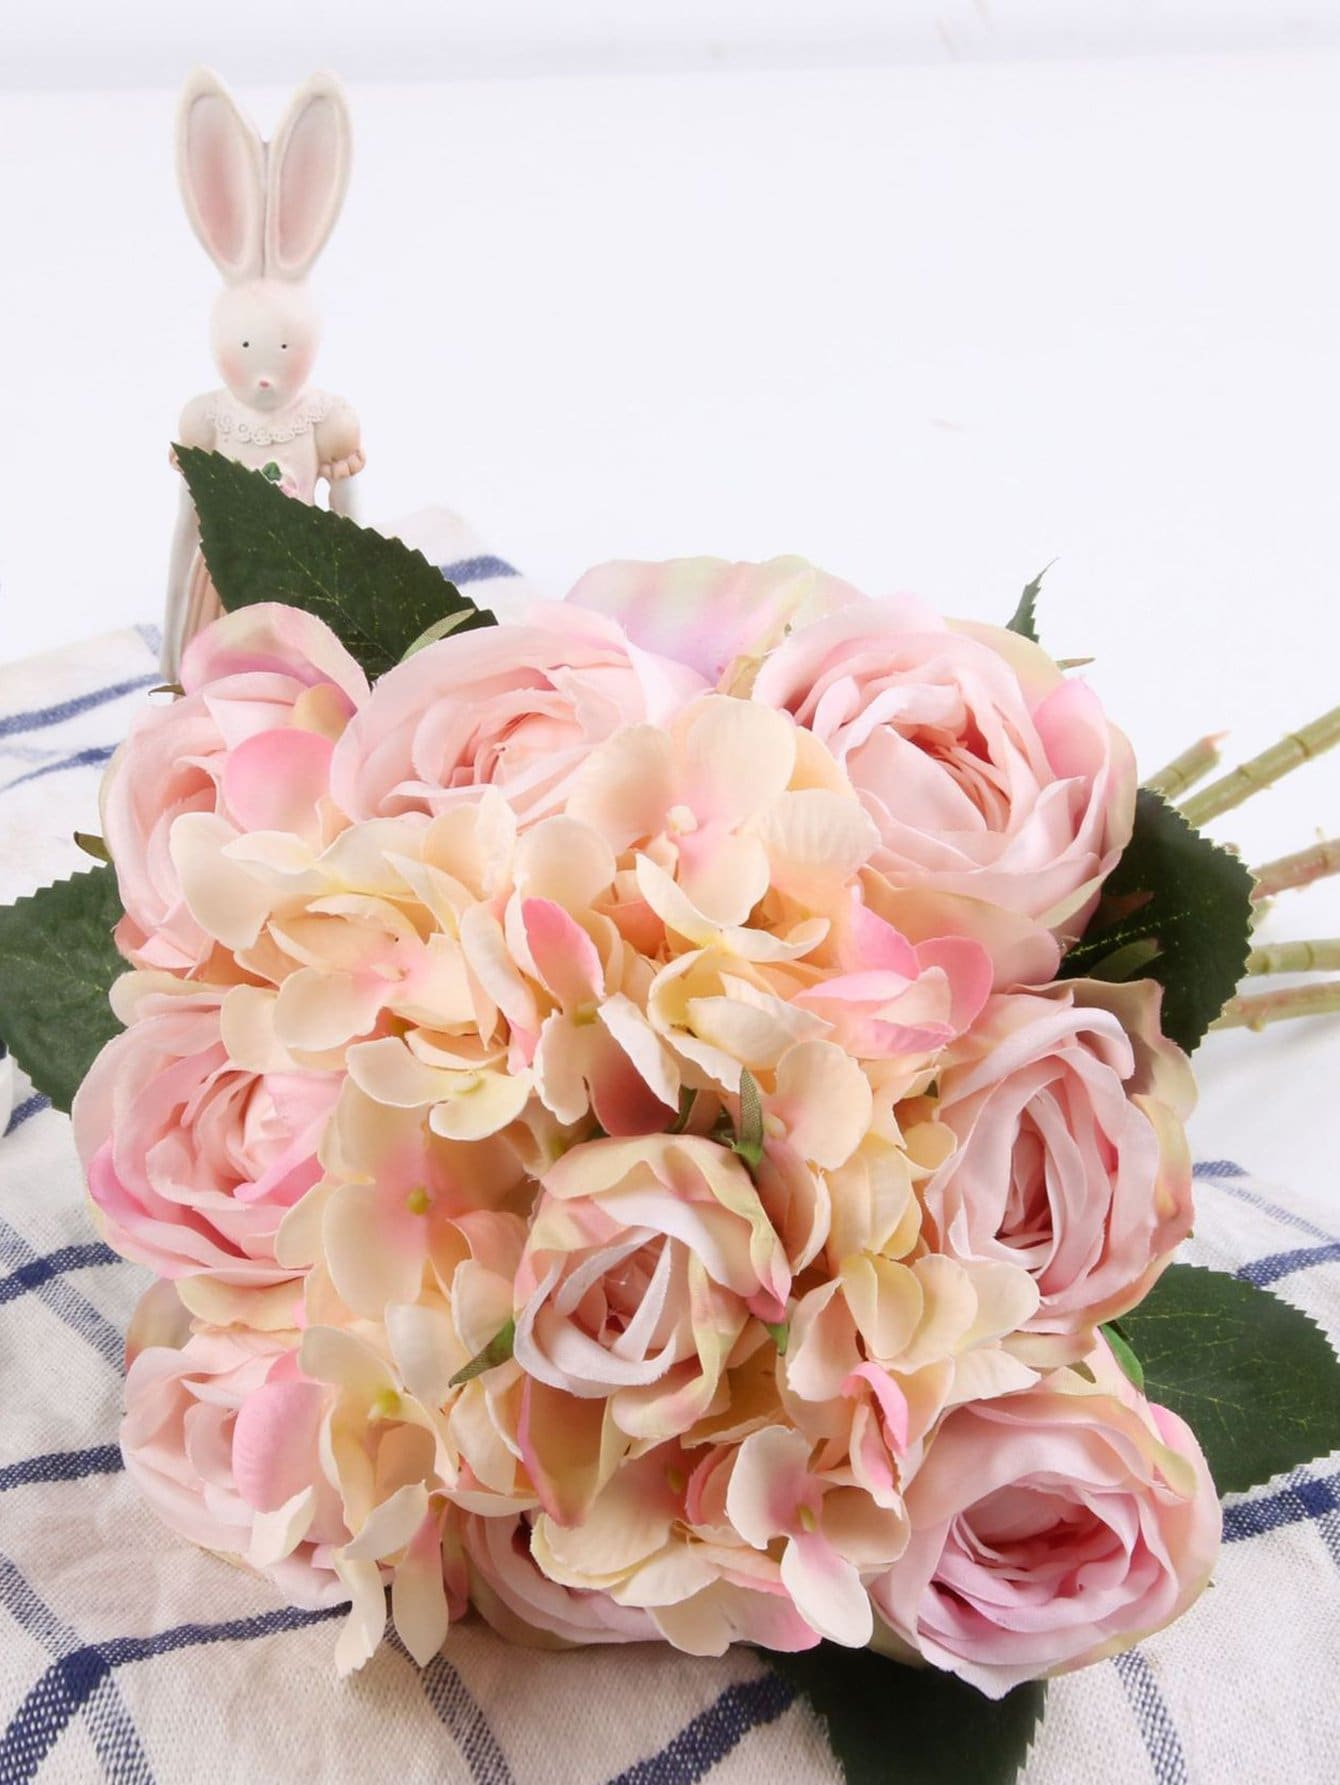 Artificial Flower Bouquet With 11pcs